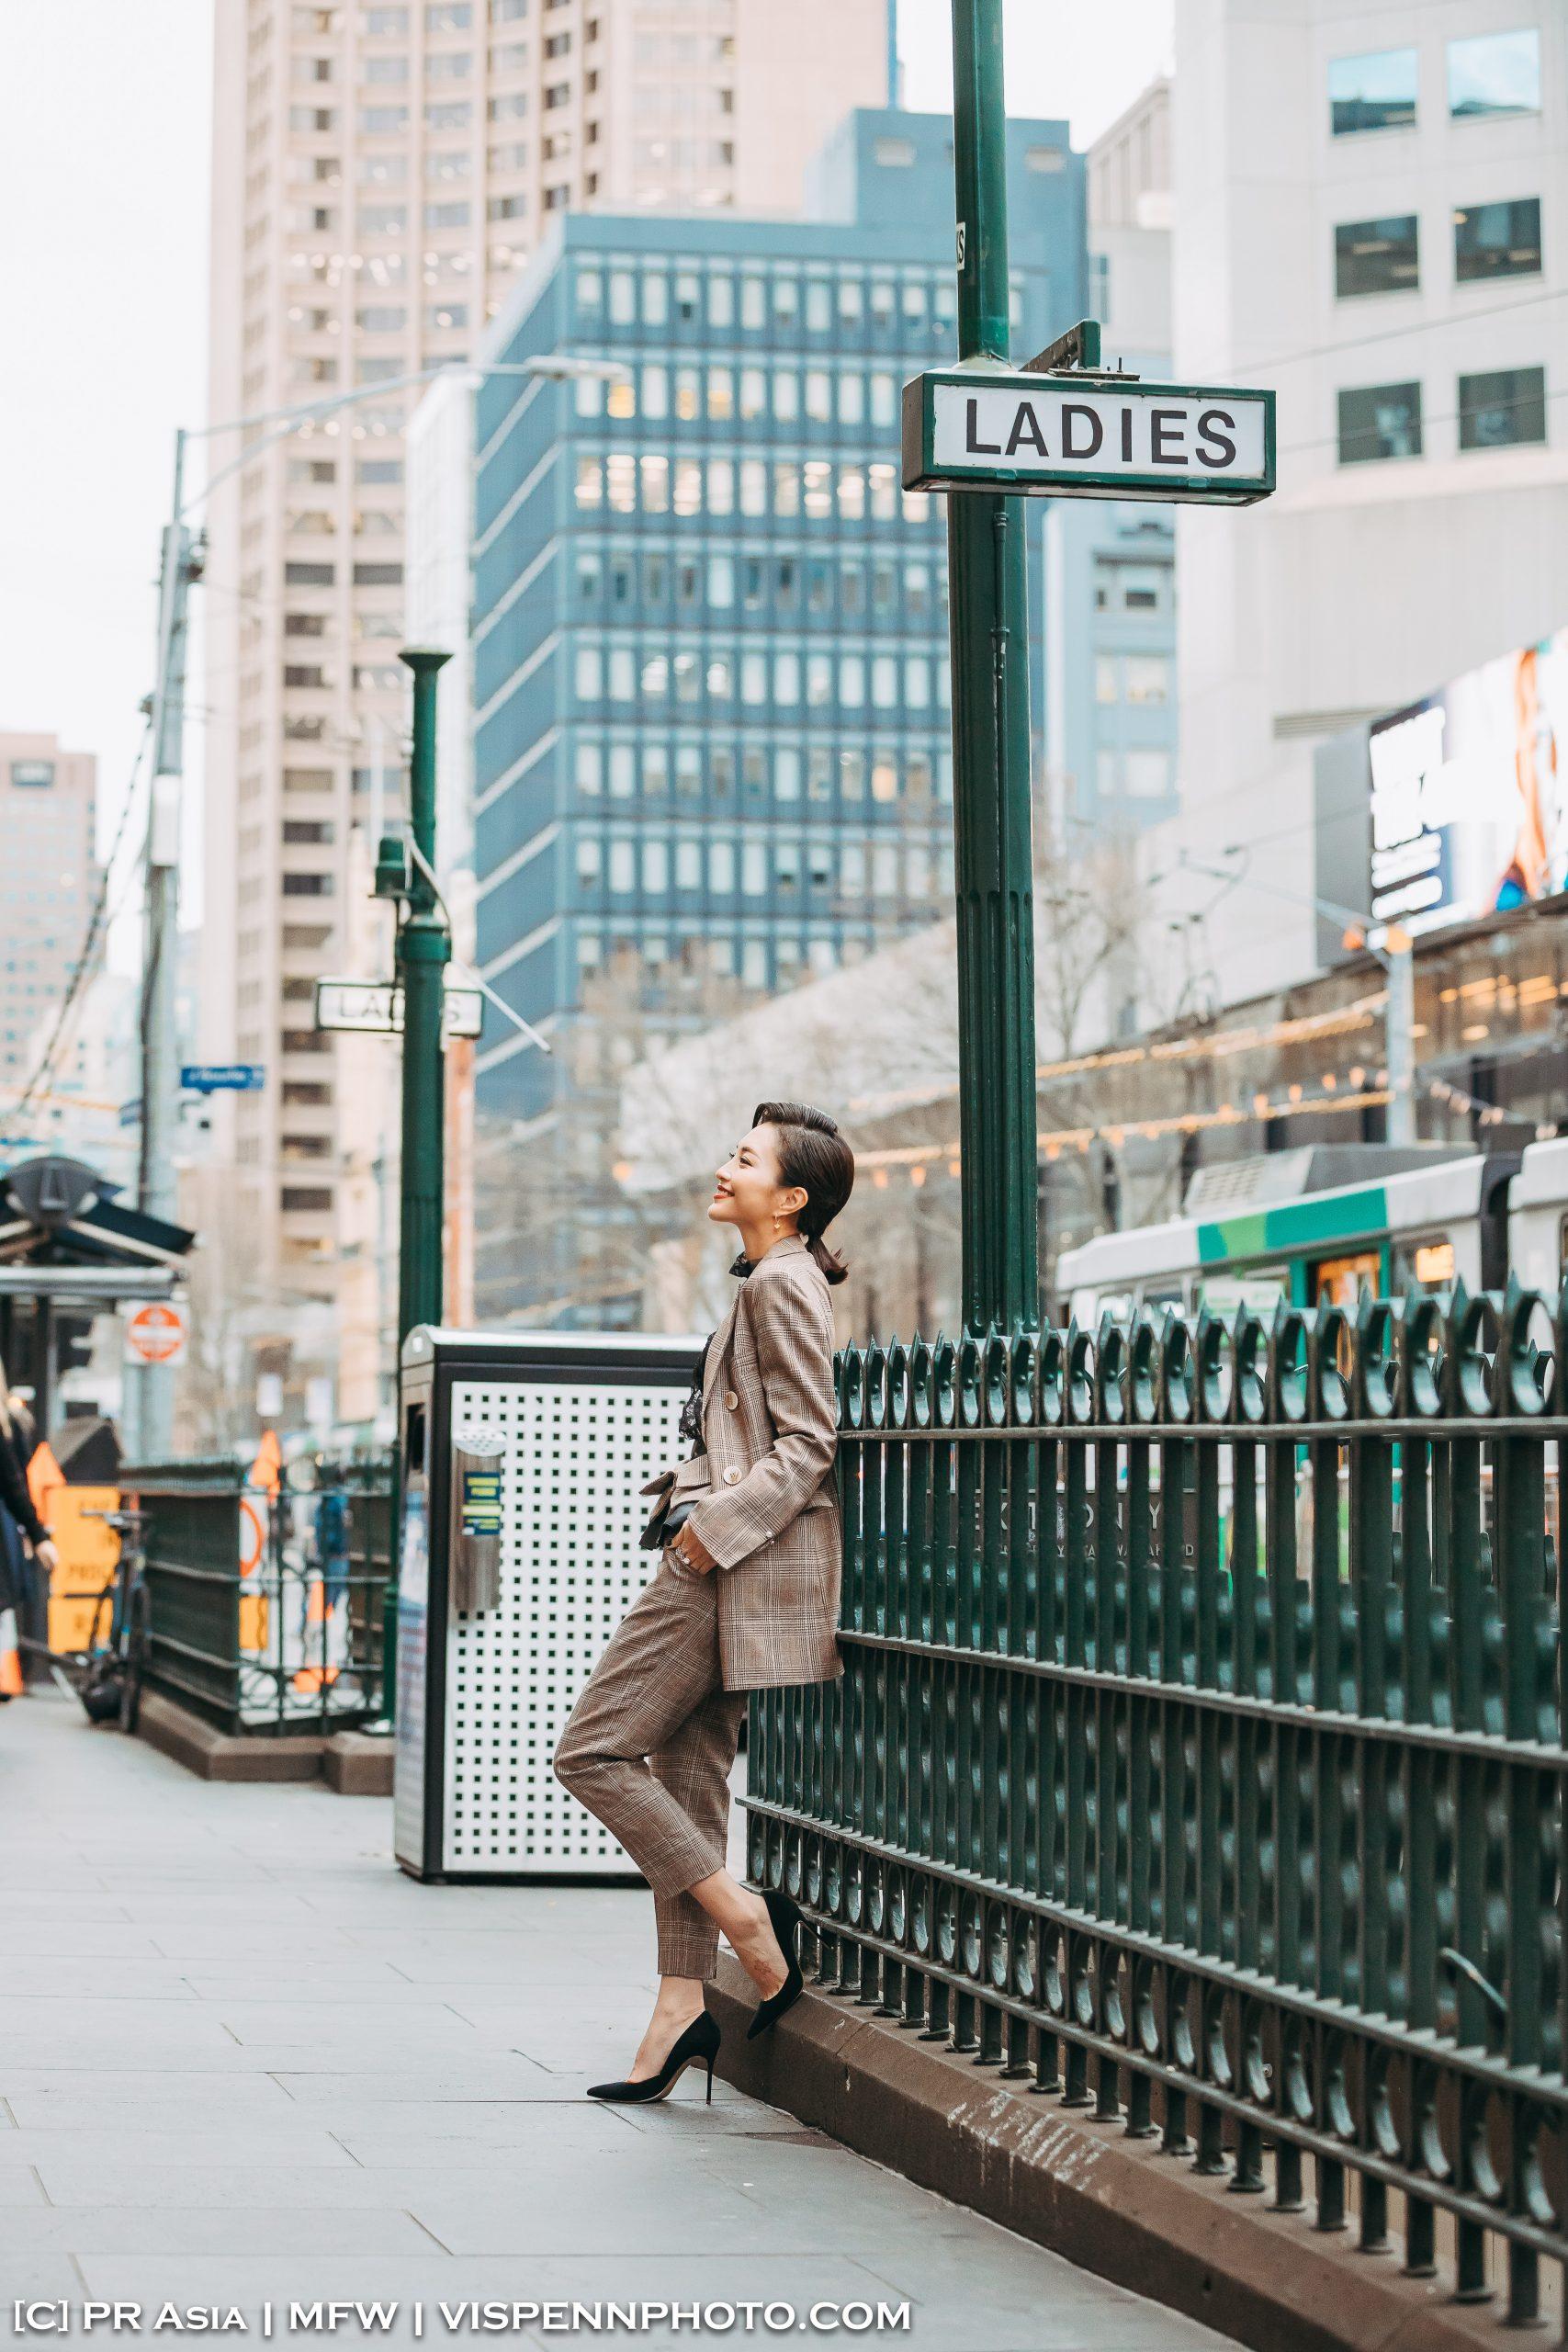 Melbourne Fashion Portrait Commercial Photography VISPENN 墨尔本 服装 商业 人像 摄影 VISPENN 1542 Edit